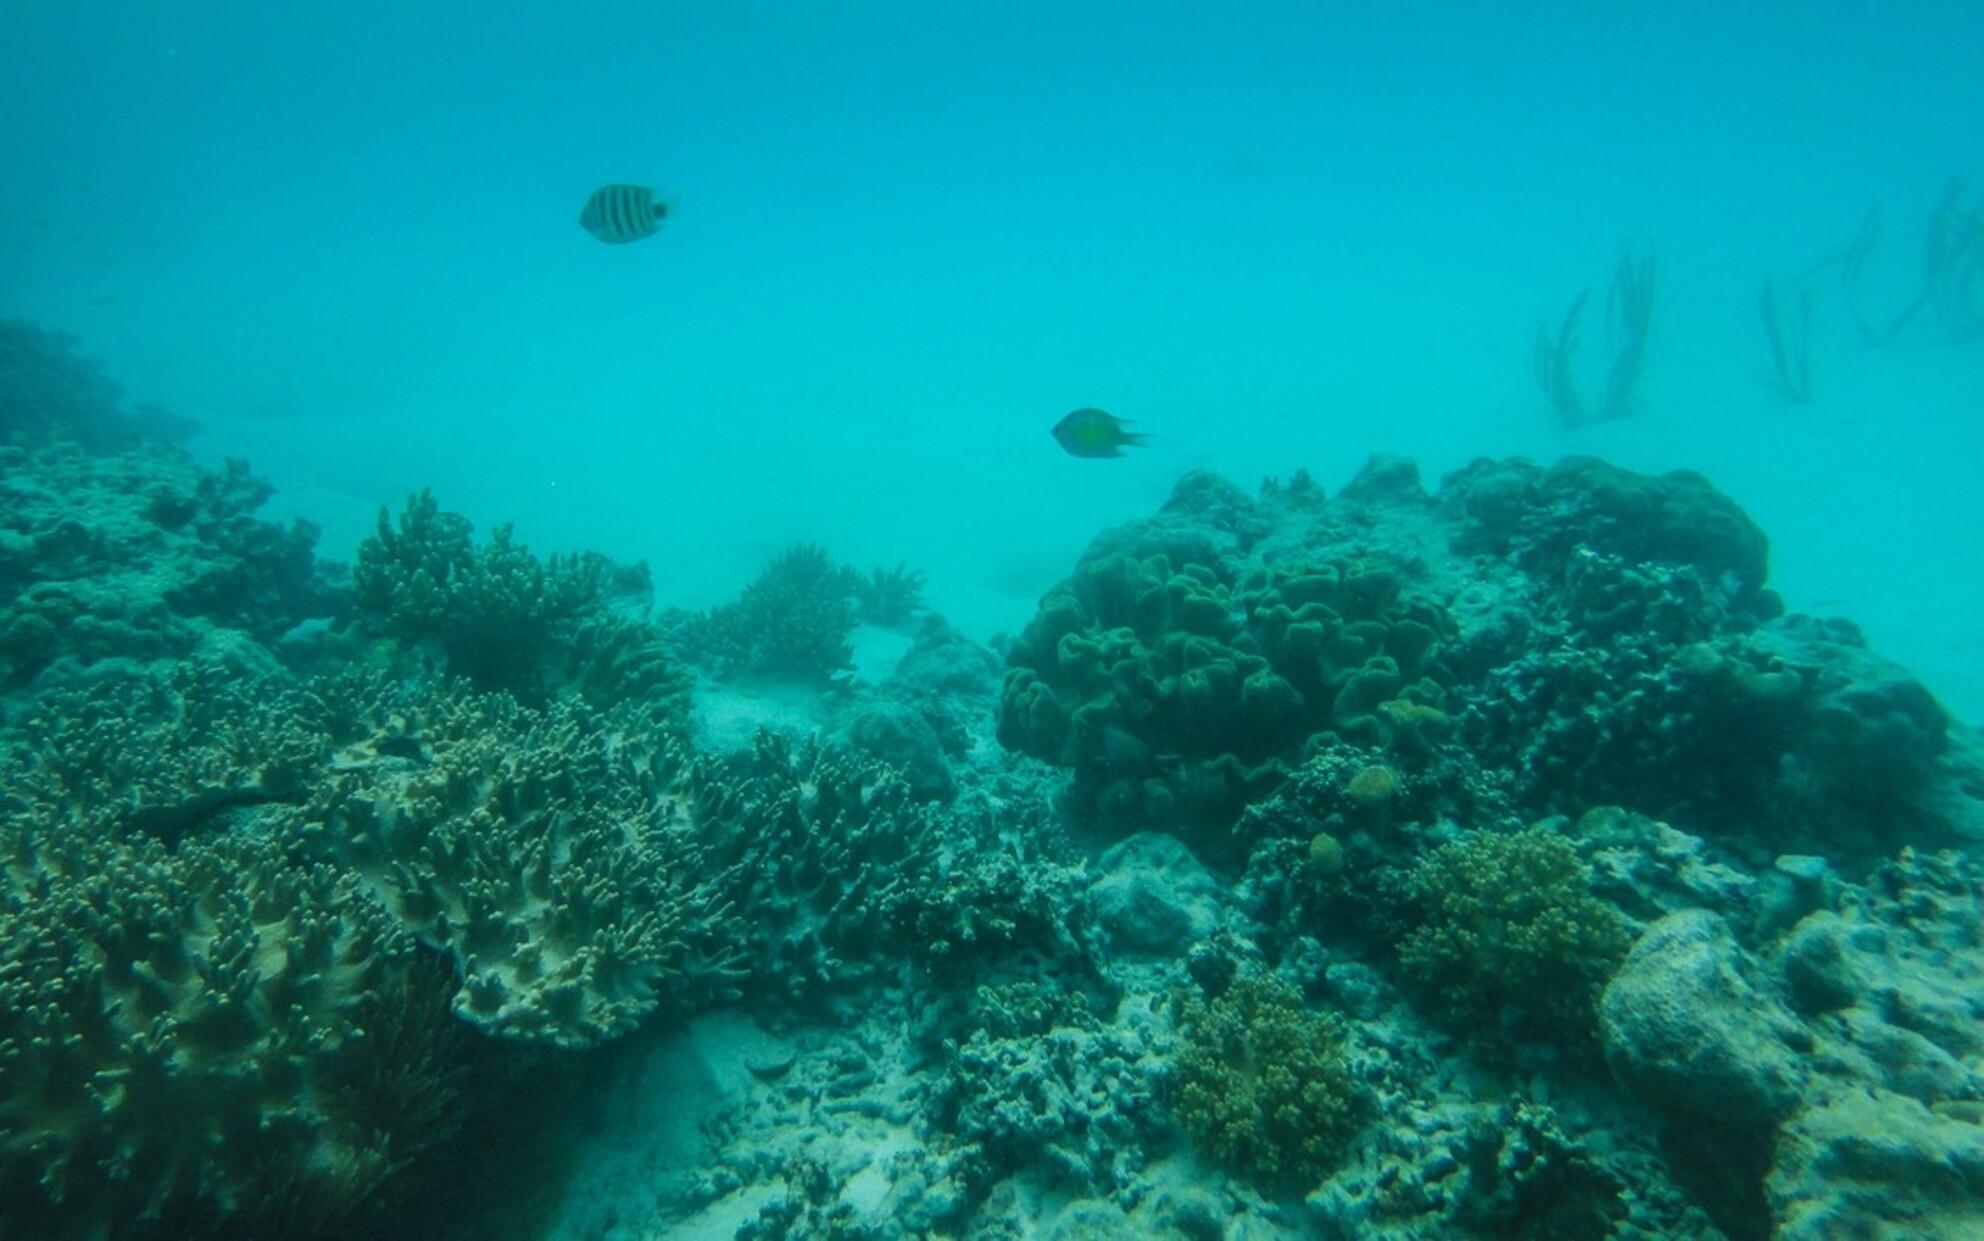 """Ceram - Vissies - Er zat ongeloofelijk veel vis in de prachtige heldere wateren van Seram, toch vind ik deze foto met maar 2 """"visjes"""" sprekender. - foto door Krulkoos op 03-11-2016 - deze foto bevat: onderwater, vissen, simpel, aqua, visje, indonesie, rustig, molukken, onderwatercamera, maluku, tx5, Seram, maurice weststrate, sony tx5, ceram - Deze foto mag gebruikt worden in een Zoom.nl publicatie"""